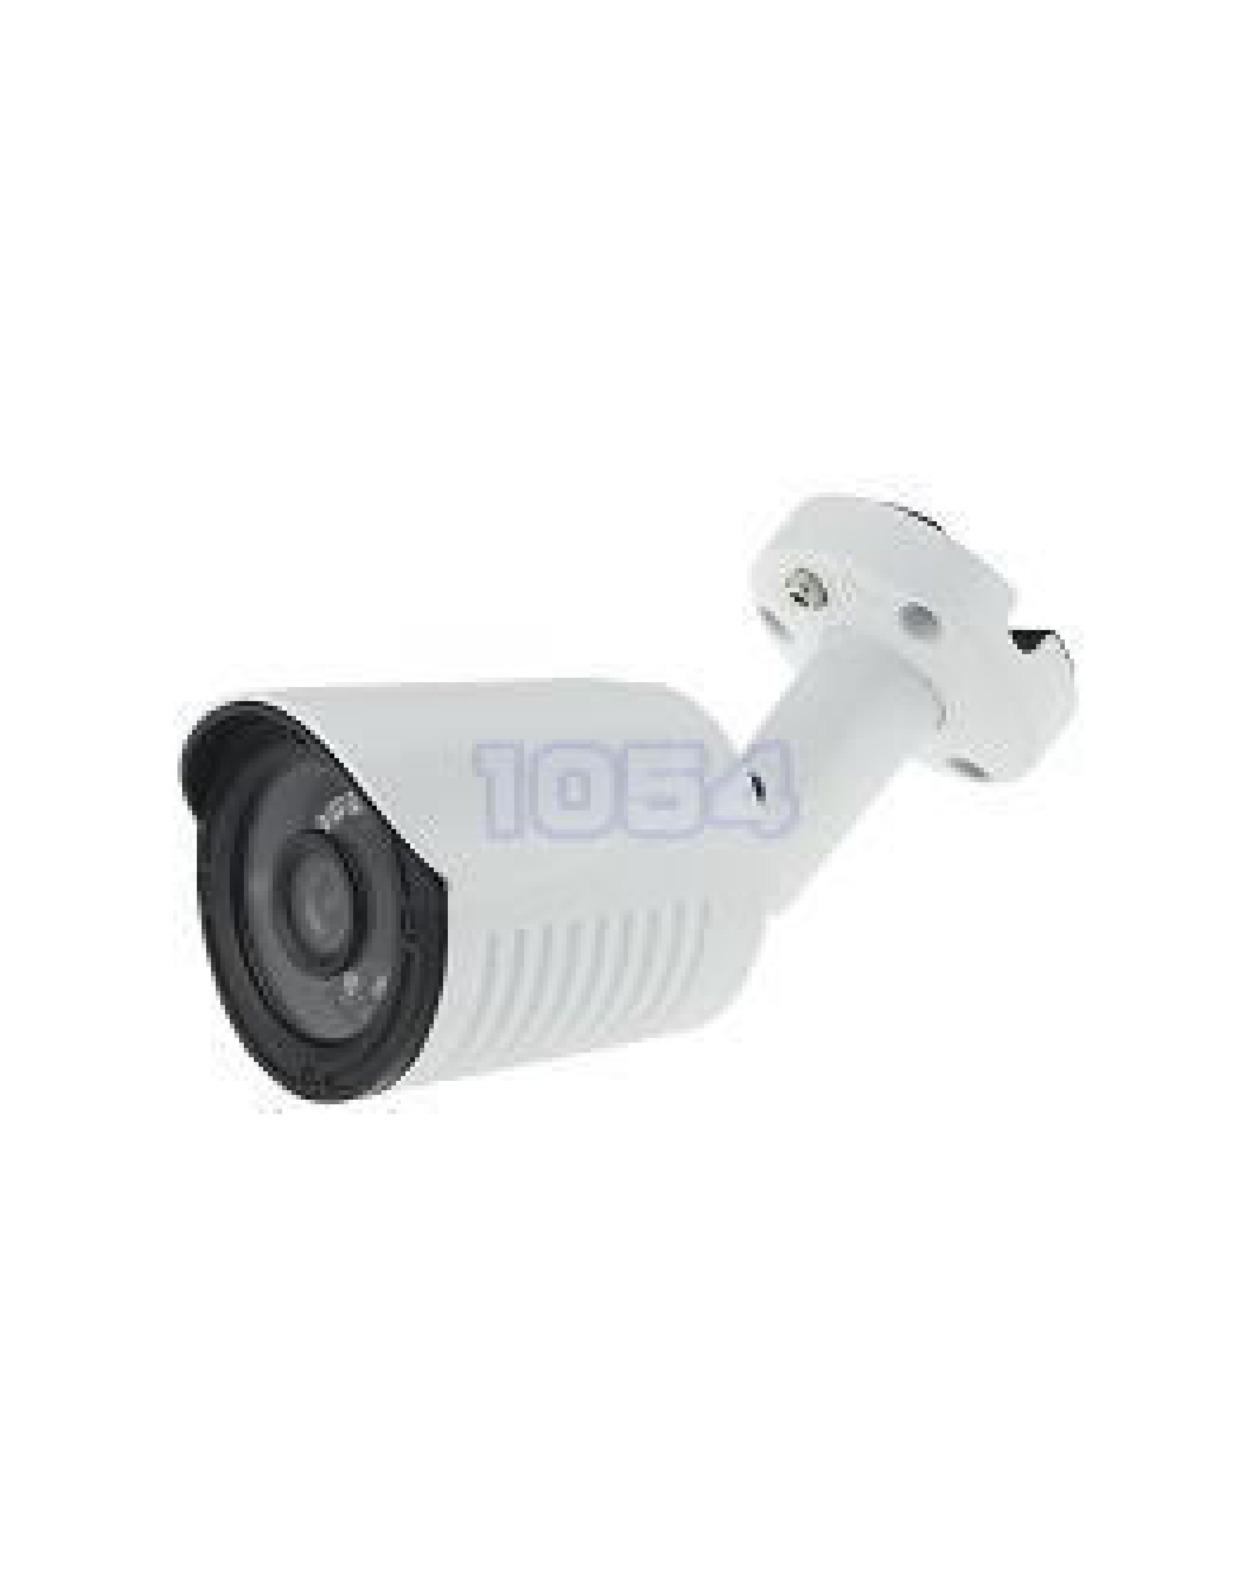 200万画素フルHDビューレット型赤外線カメラ3.6mm